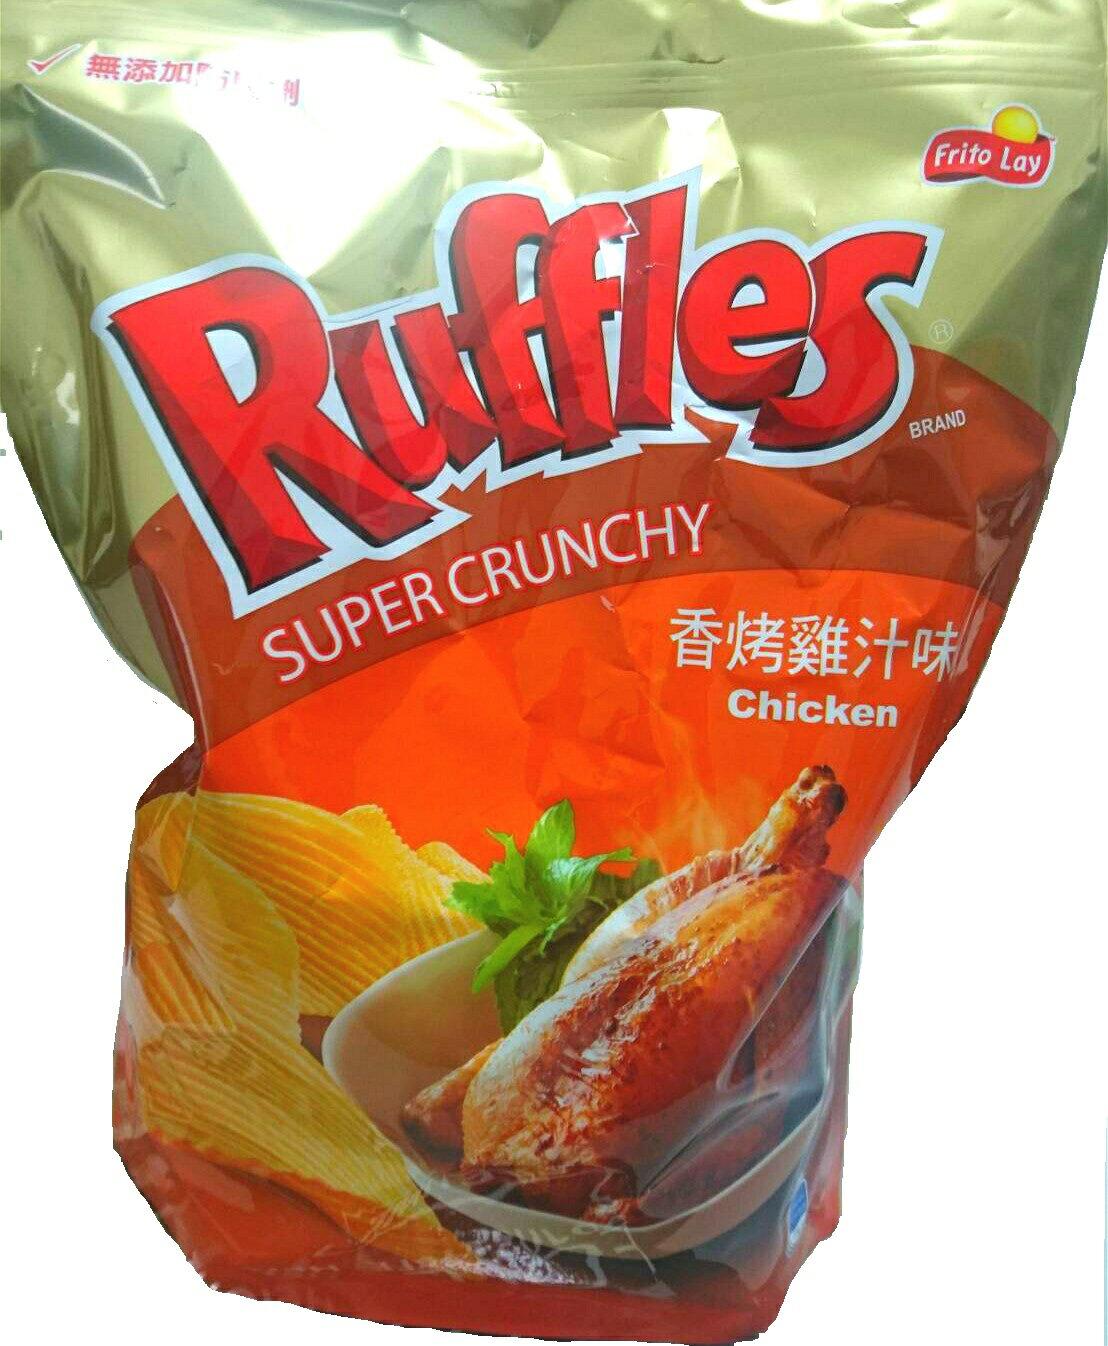 樂事 團購價 樂事波樂厚切洋芋片 Ruffles 香烤雞汁波浪馬鈴薯口味獨特零食餅乾拜拜普渡